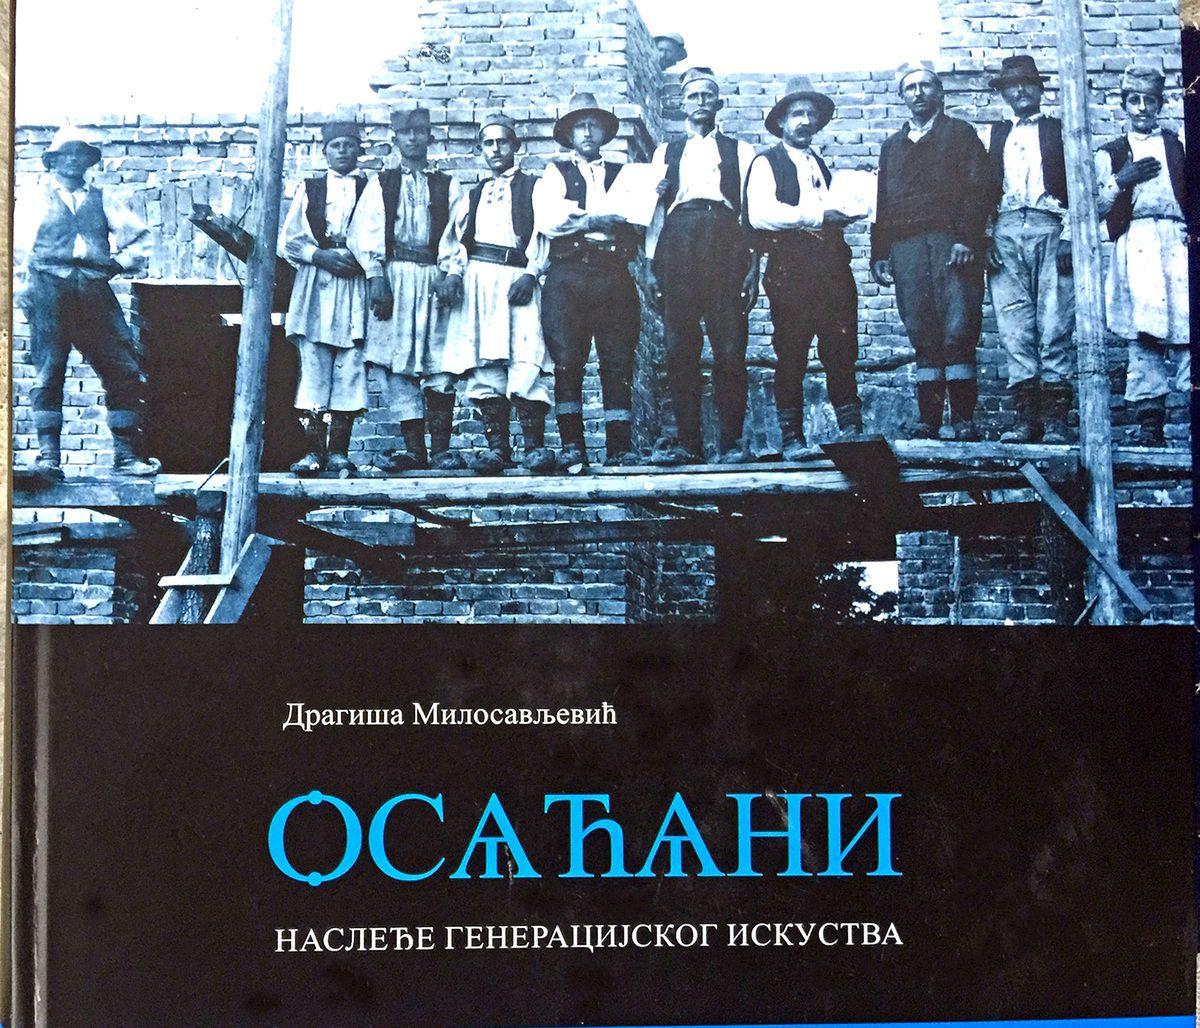 Књига: чувар наслеђа од заборава Аутор Драгиша Милосављевић